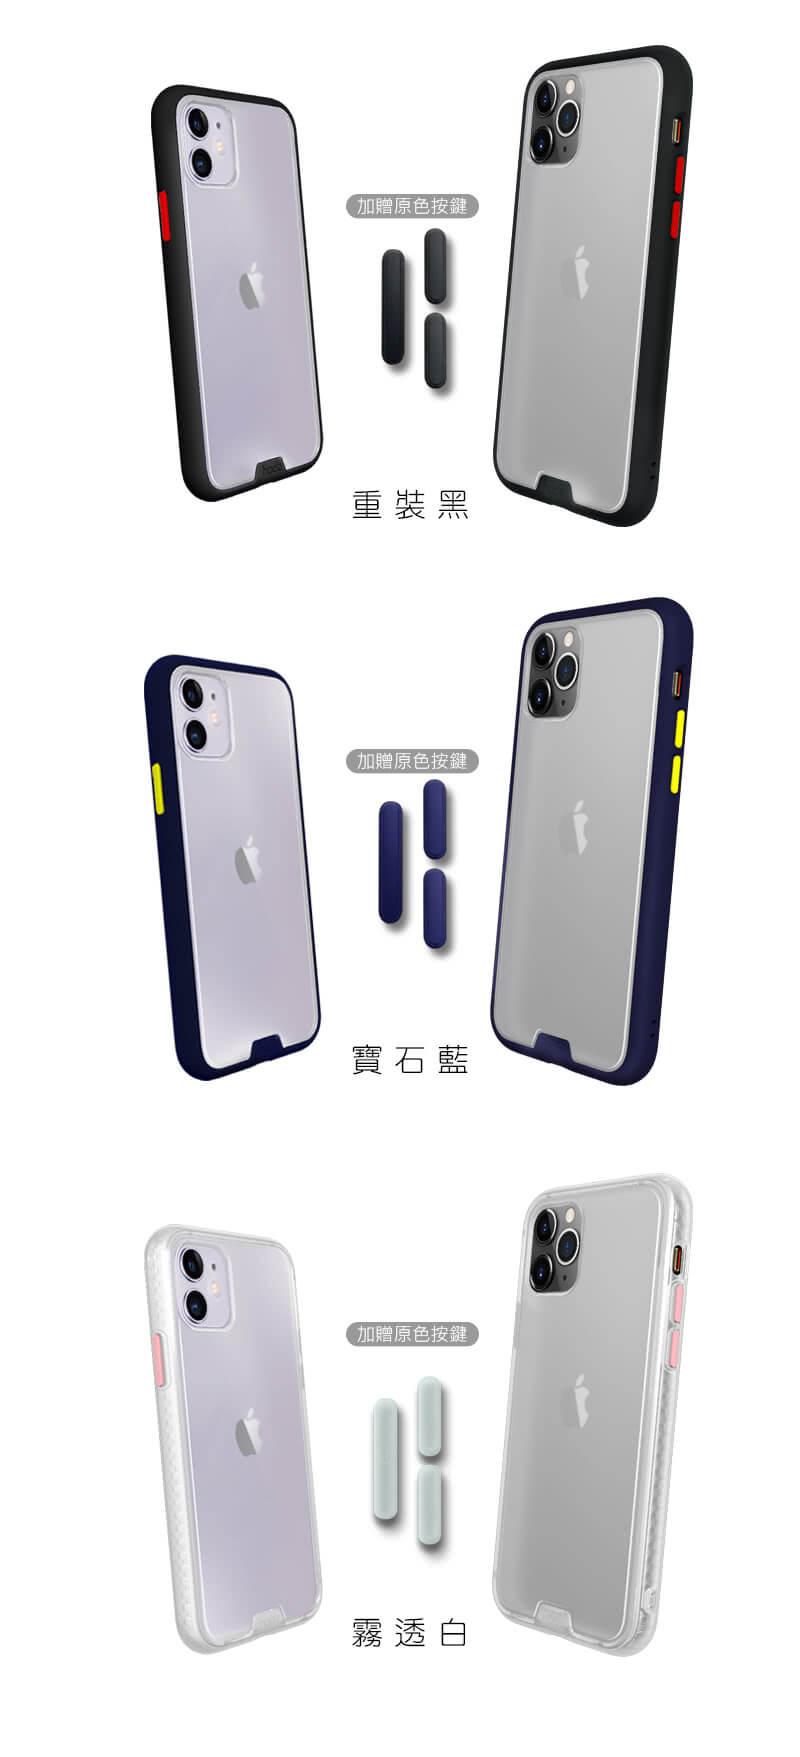 HODA 柔石軍規防摔殼 iPhone 11 Pro